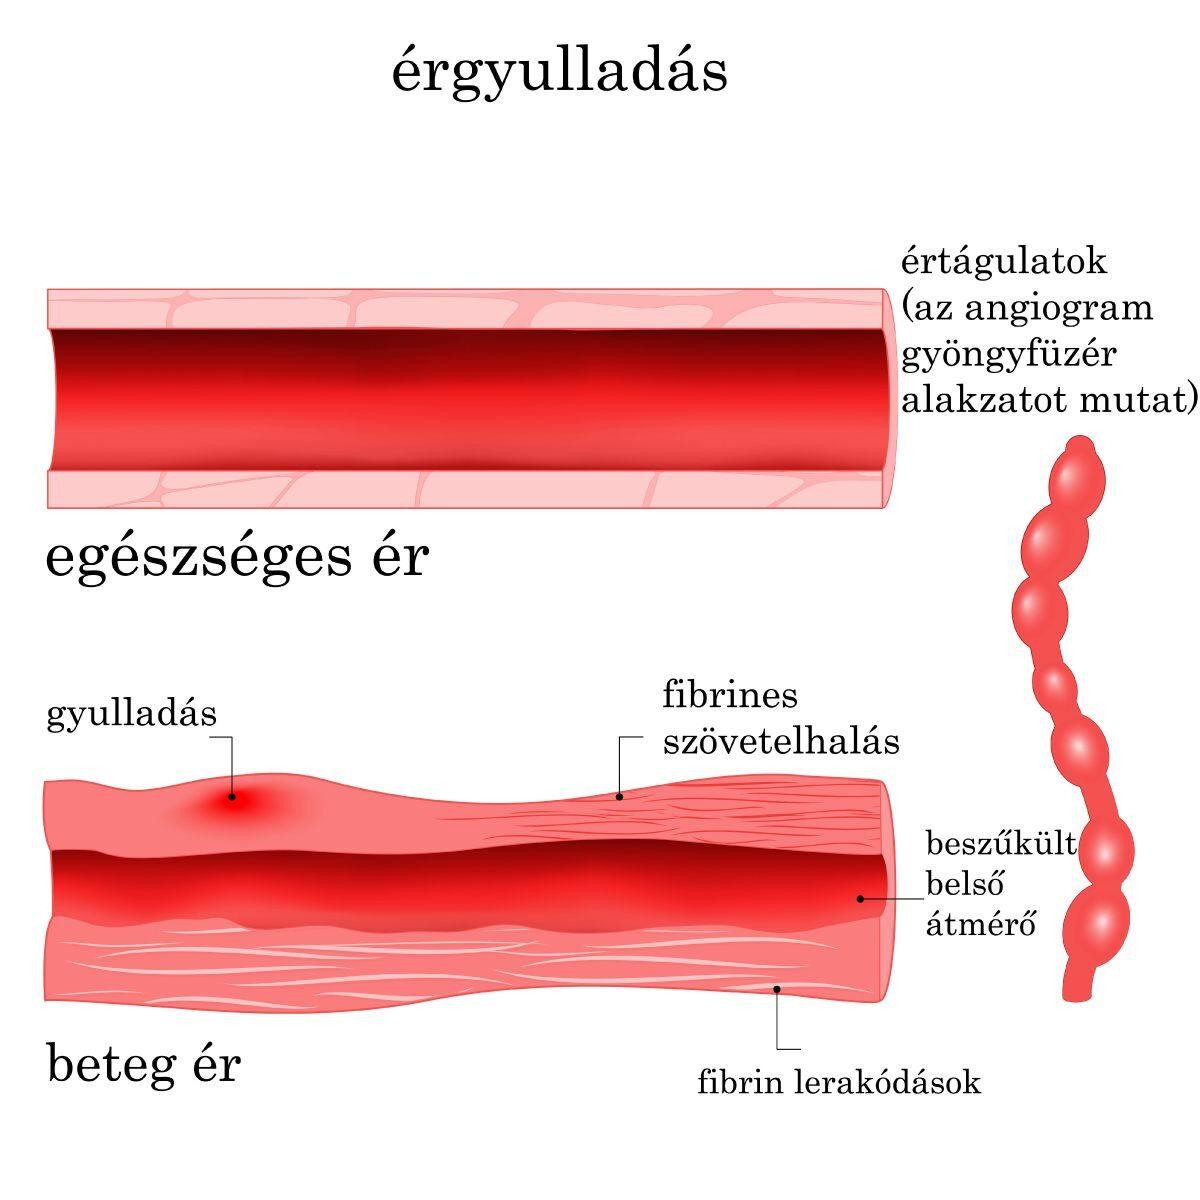 Érgyulladás (vaszkulitisz)